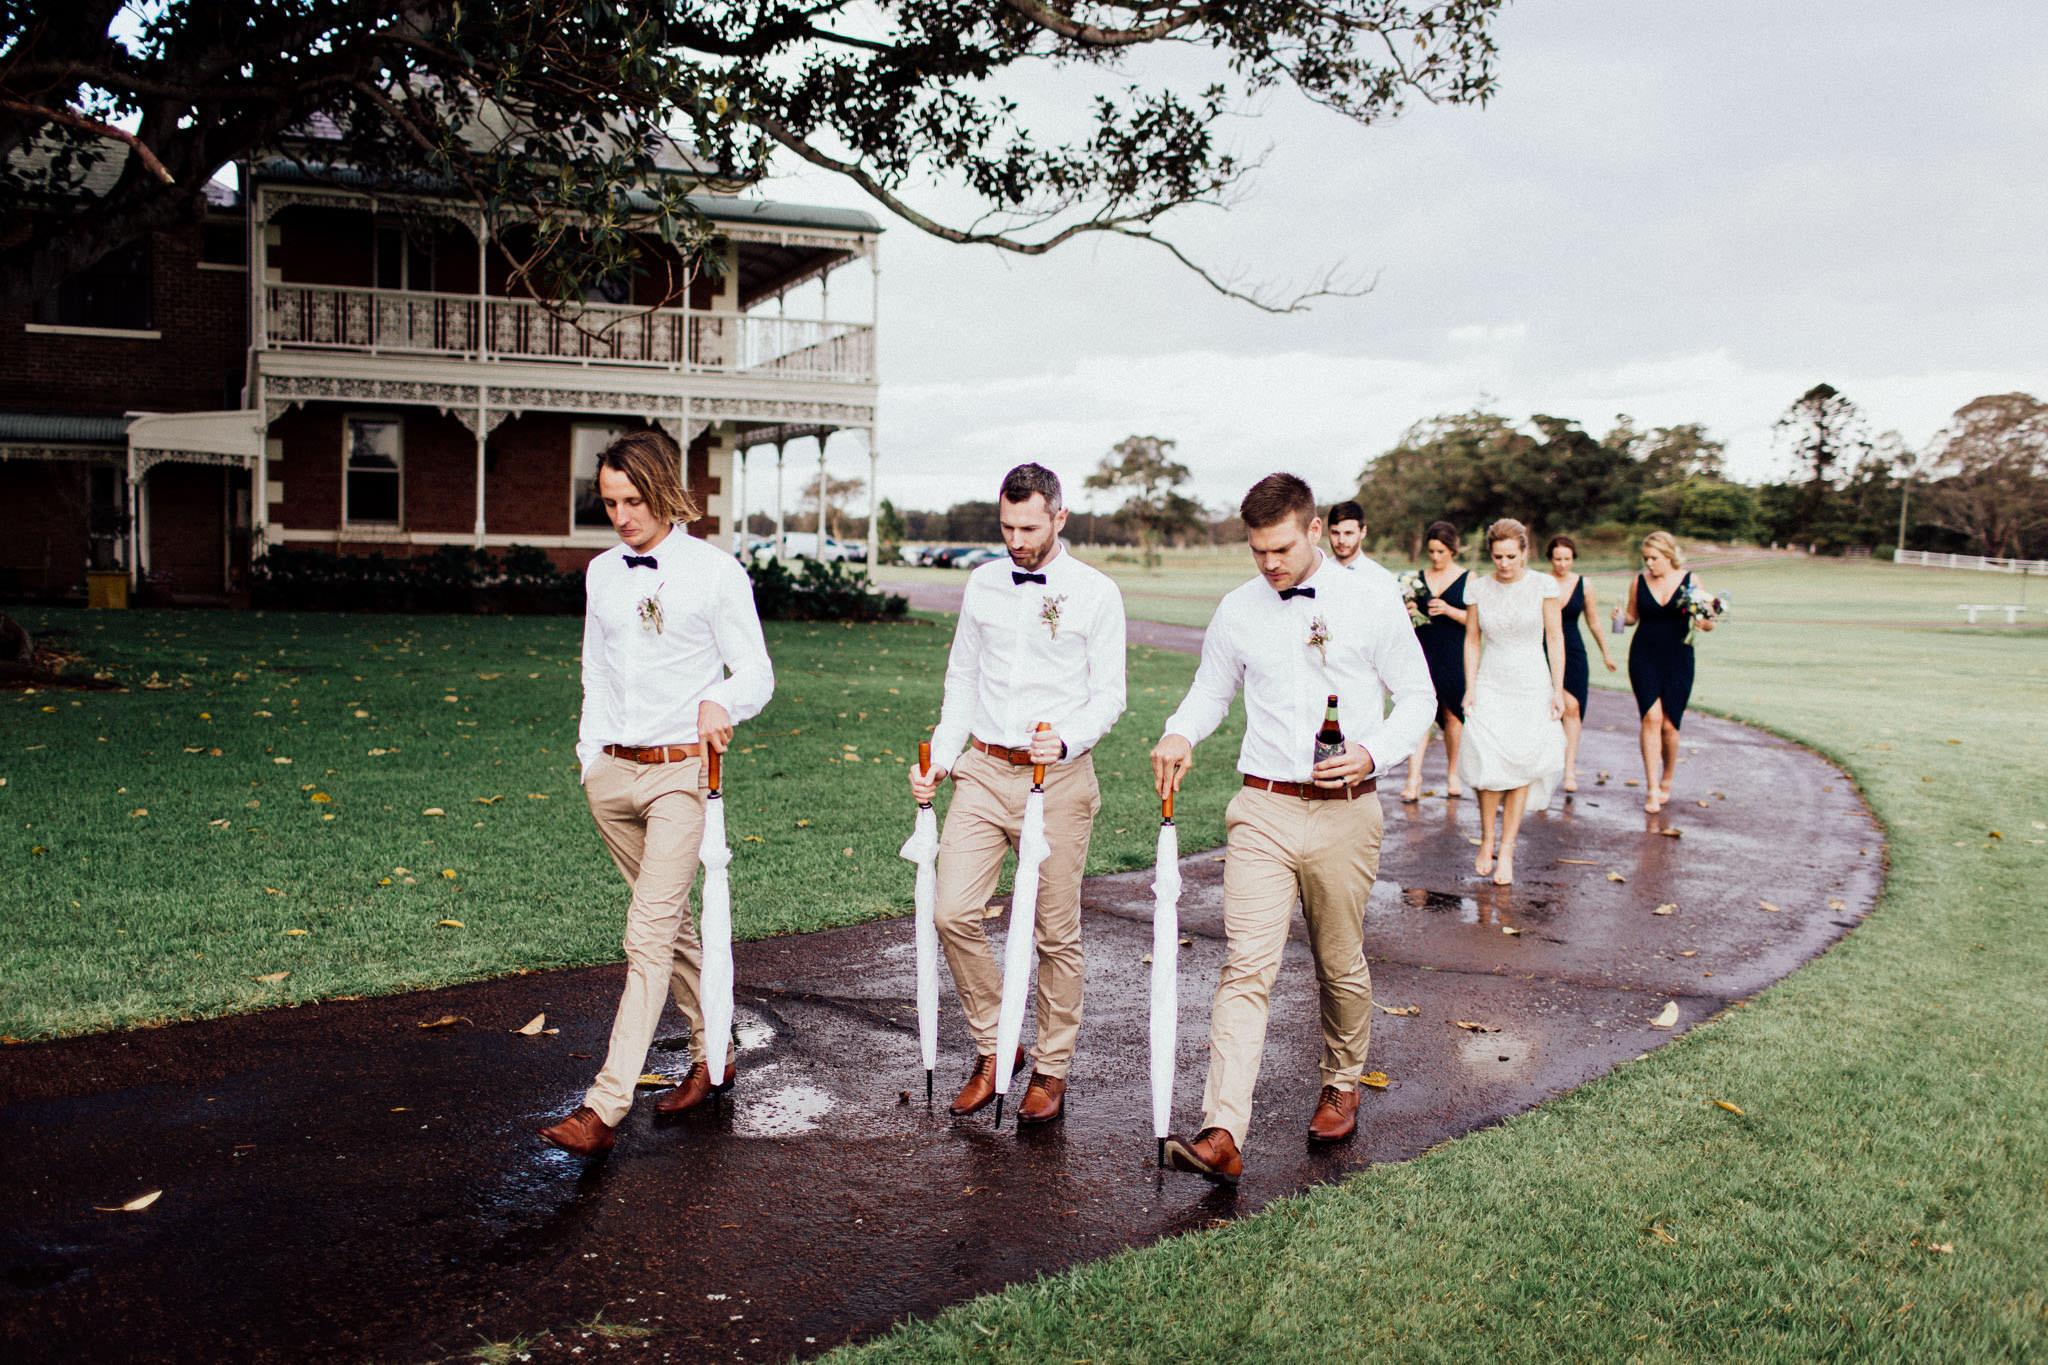 WeddingPhotos_Facebook_2048pixels-1457.jpg